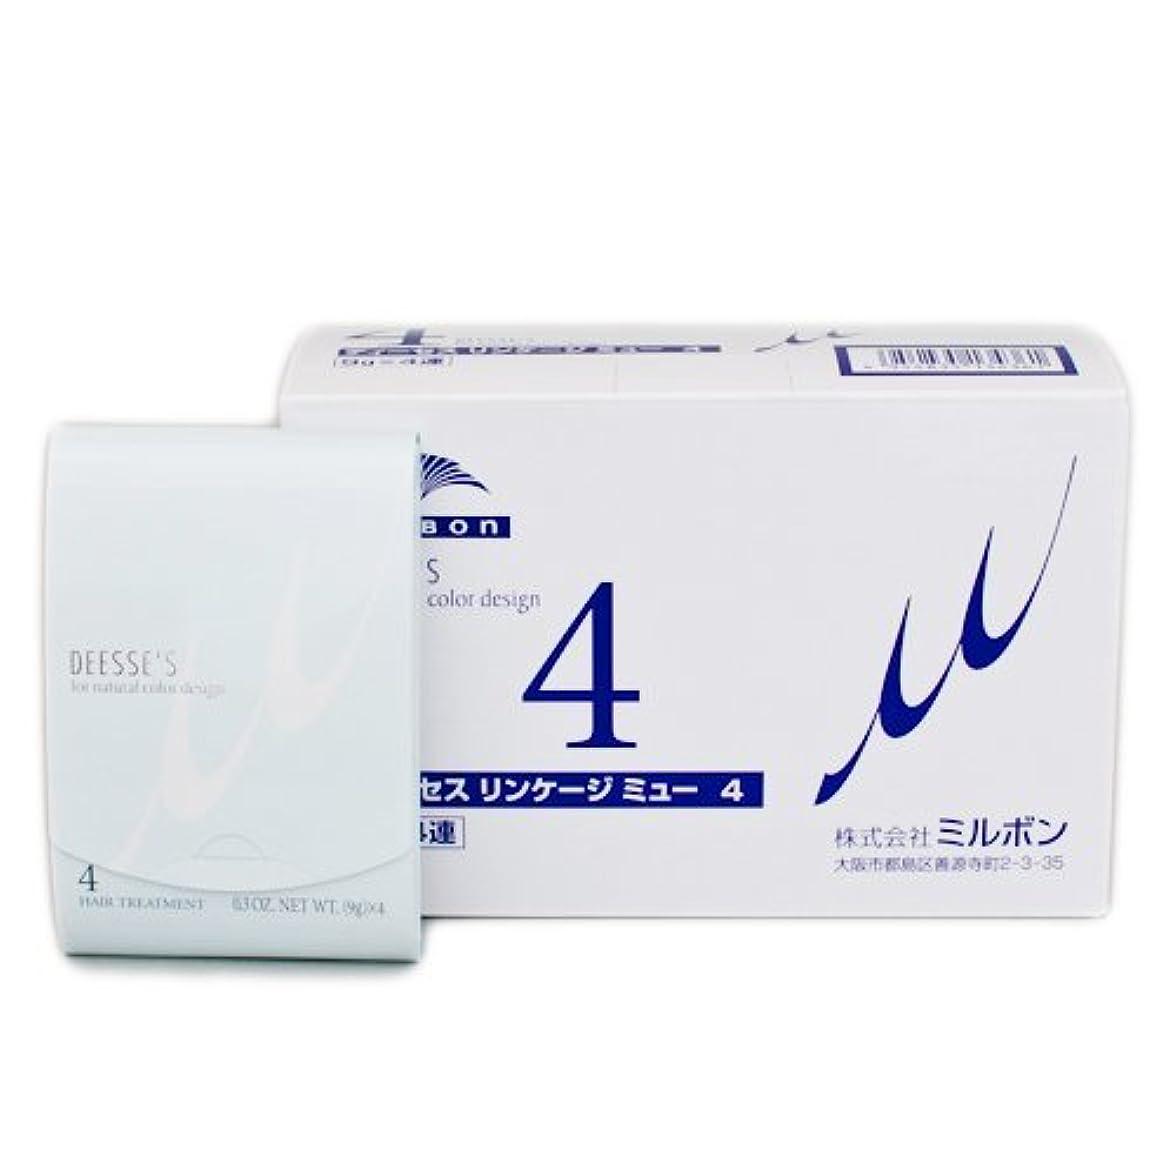 リーン便利噴水ミルボン ディーセス リンケージ ミュー 4 業務用9g×4連×10入